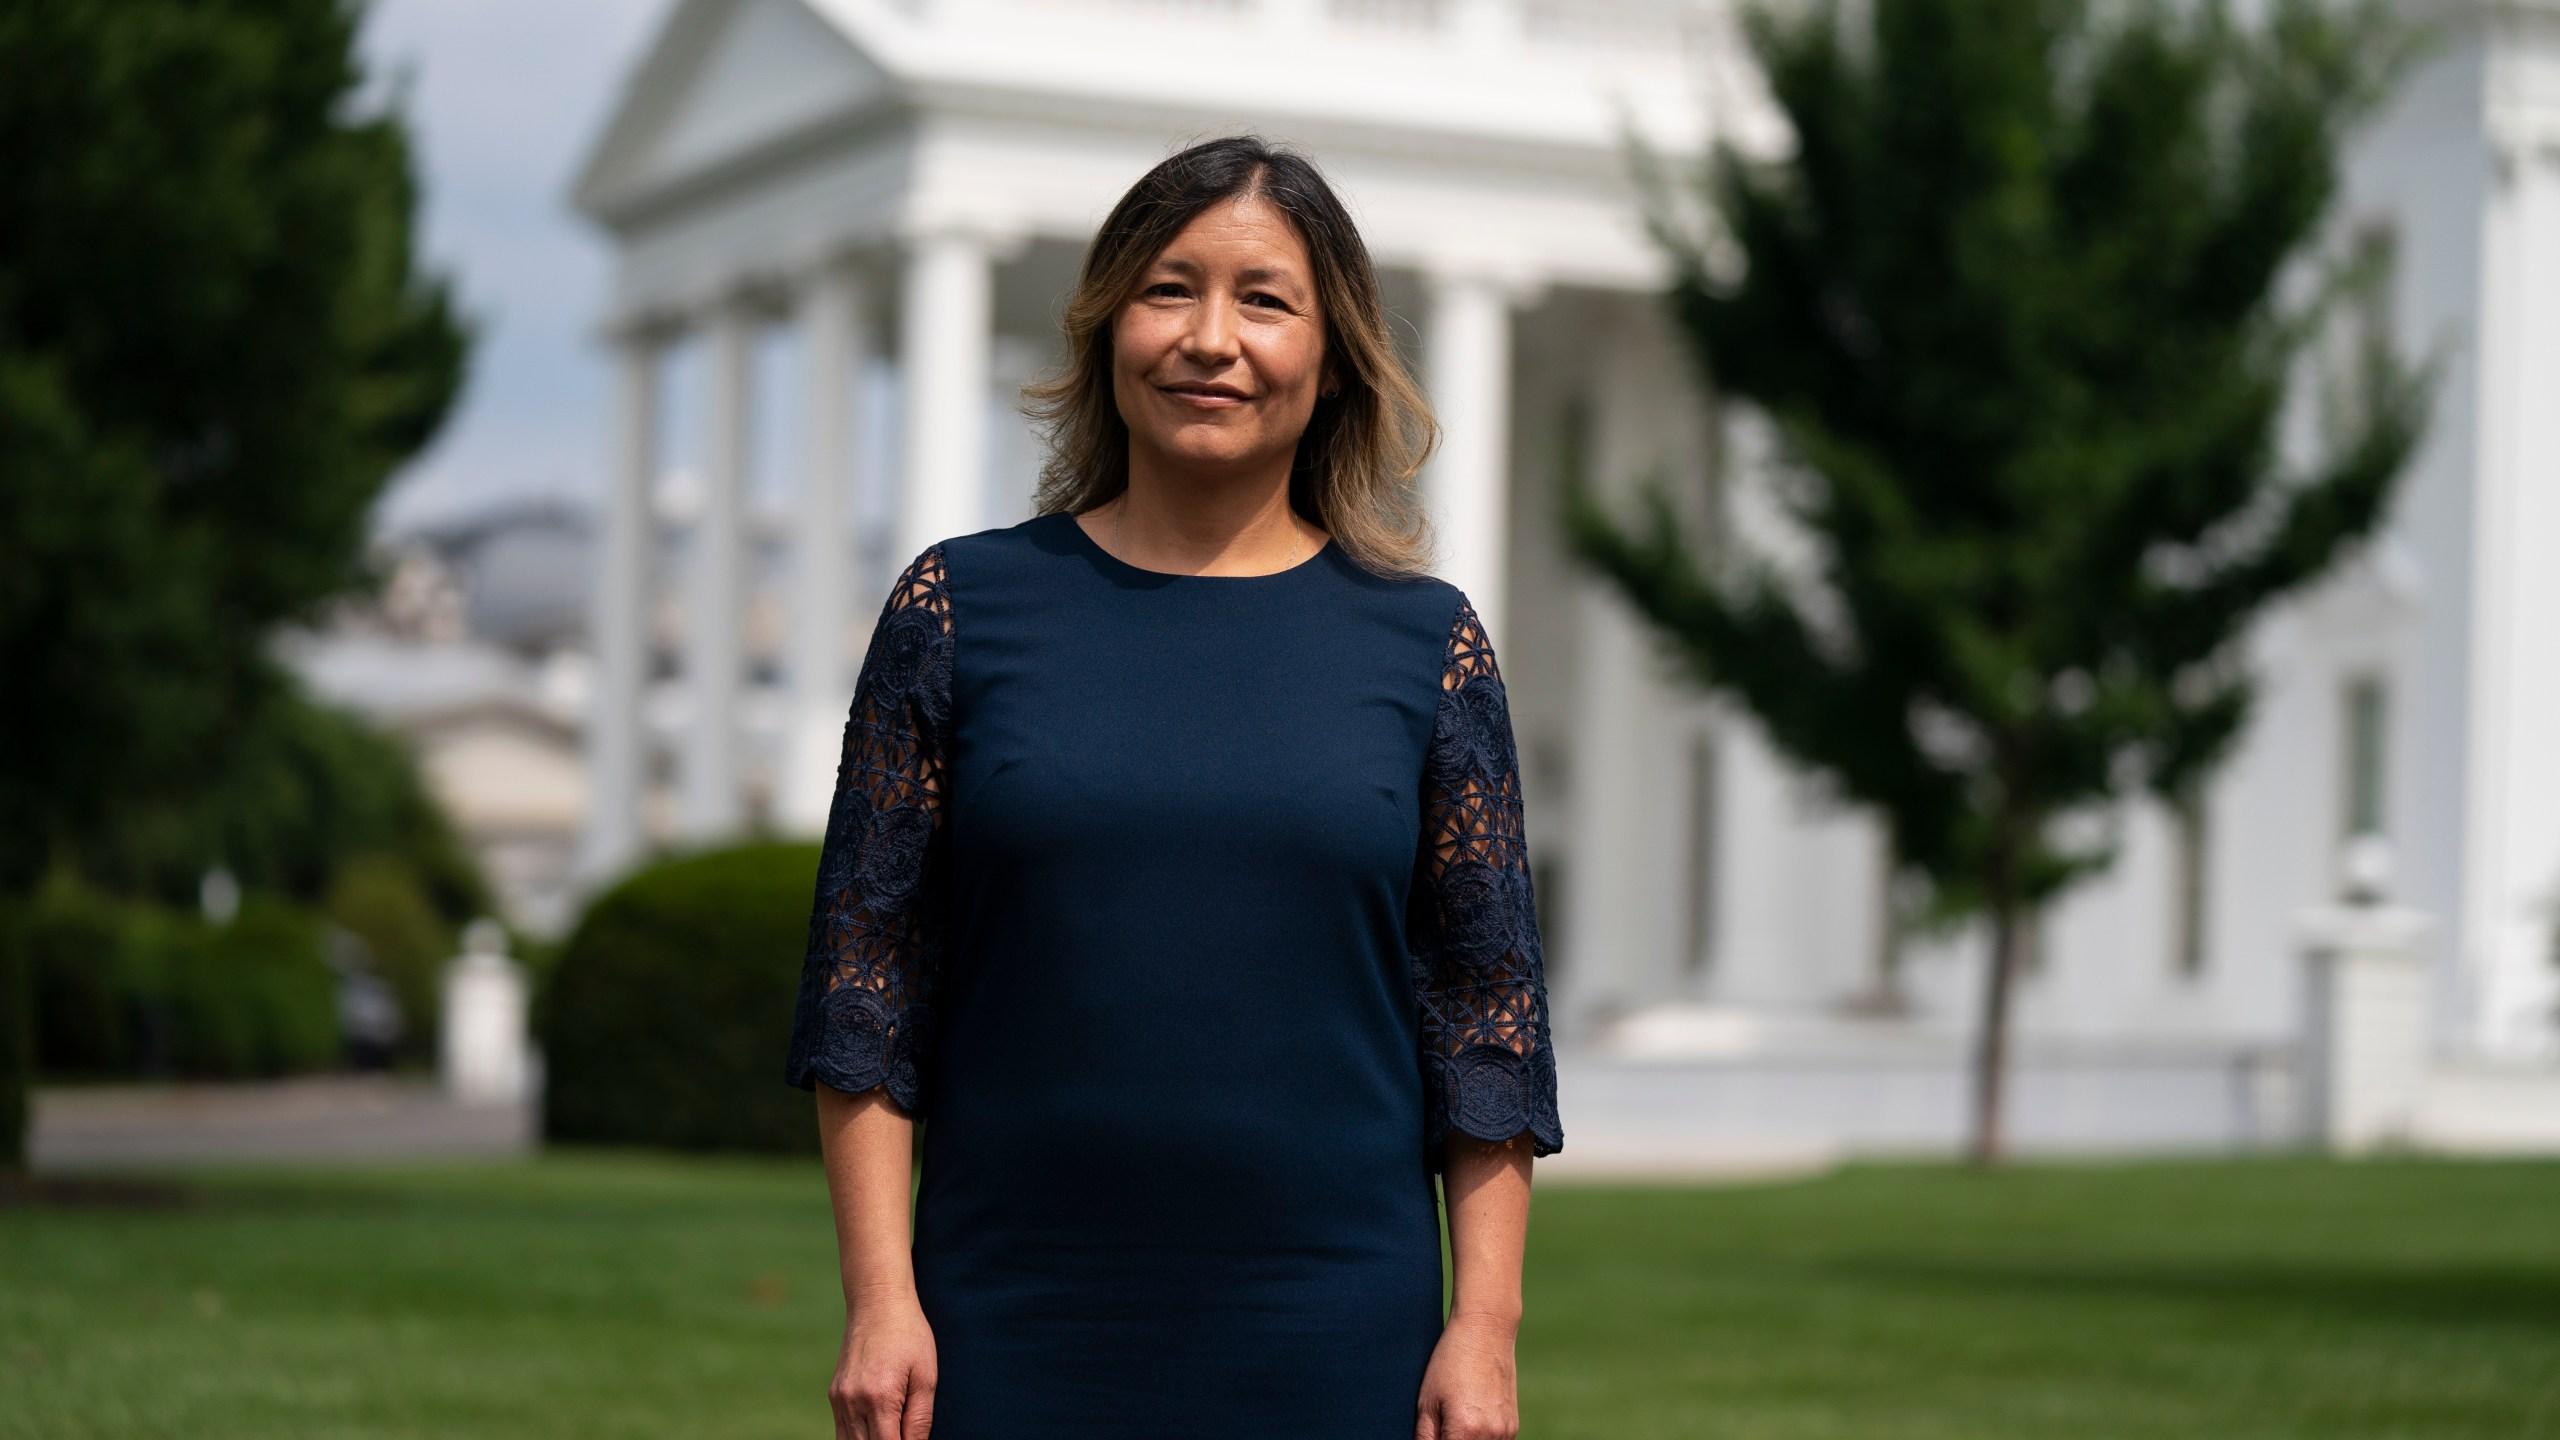 Julie Chavez Rodriguez